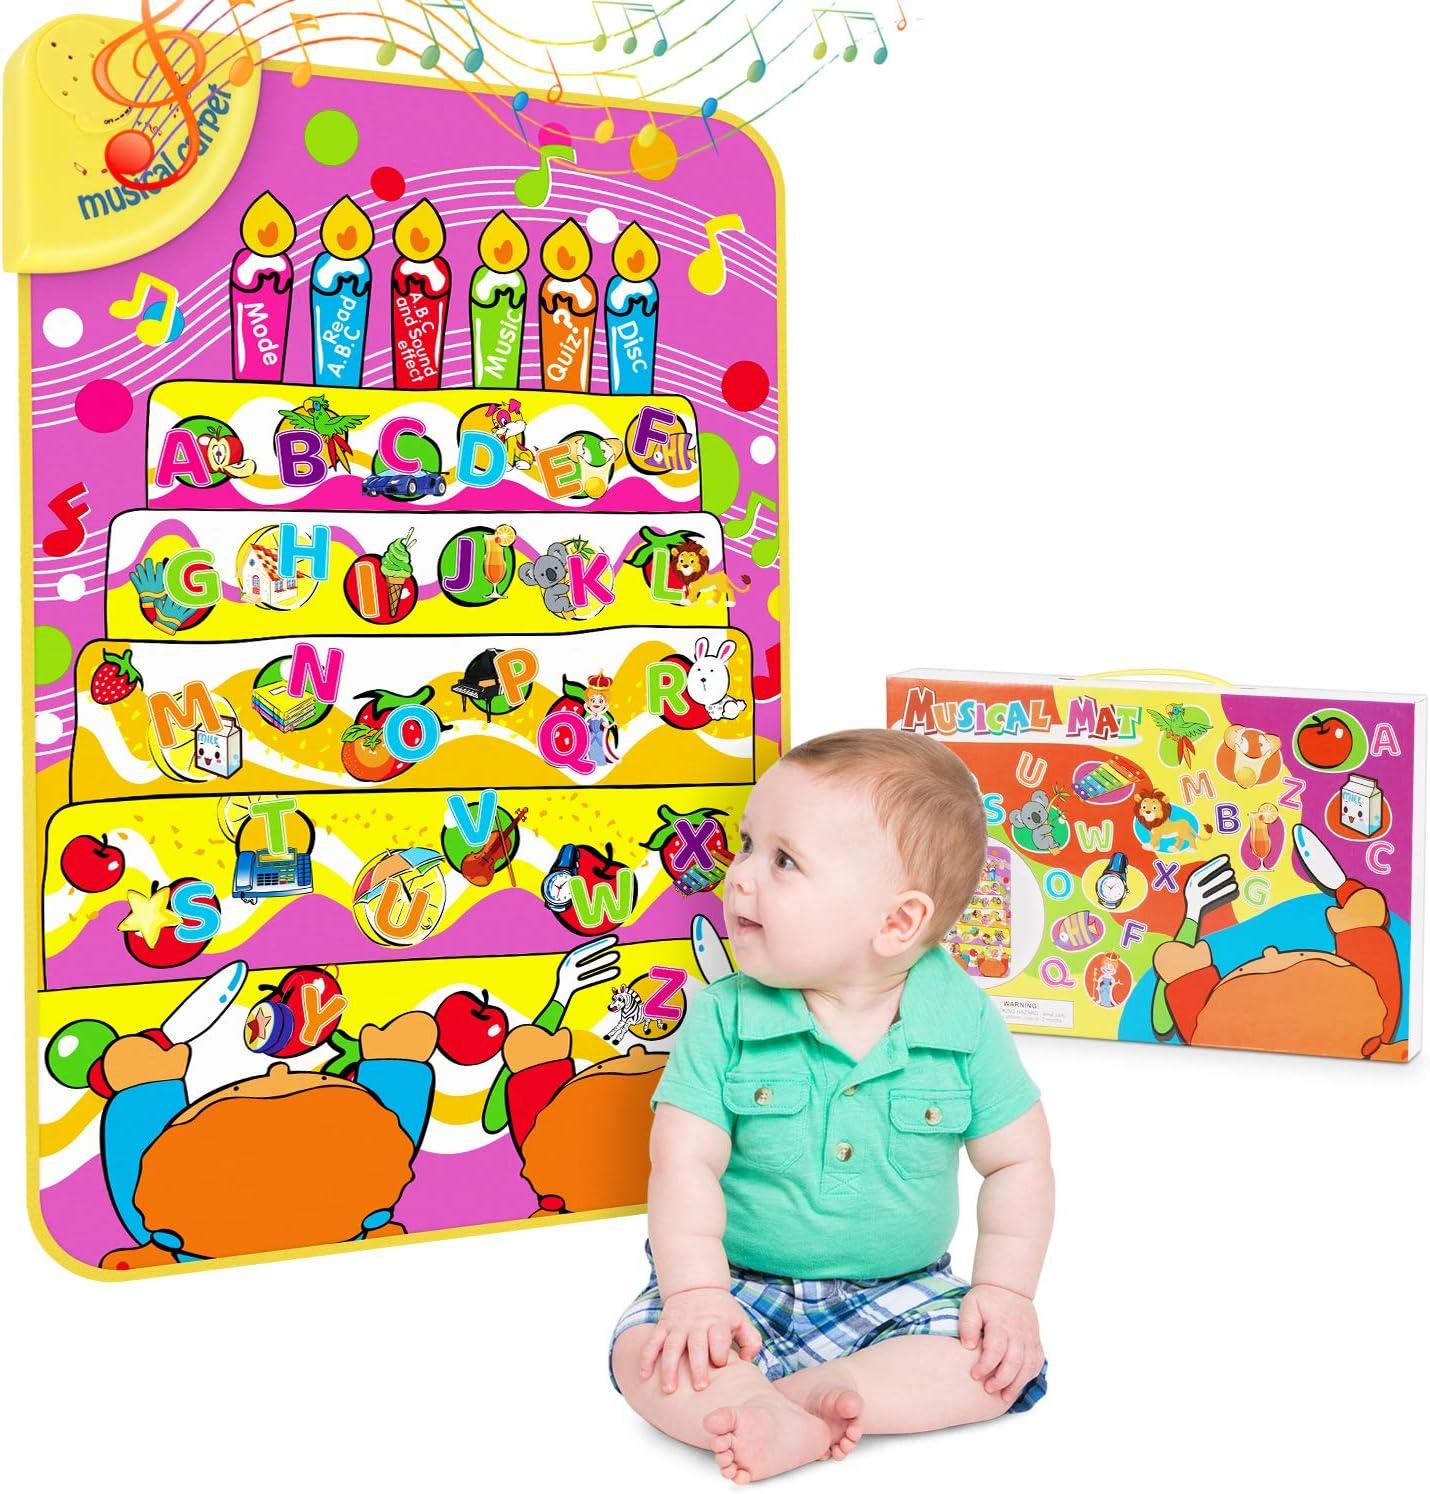 Magicfun Alfombrilla Musical, Divertidos Juguetes De Educación Temprana Letras Inglesas y Aprendizaje De Palabras, Juego táctil Interactivo de Aprendizaje para bebés, Libros De Sonido ABC